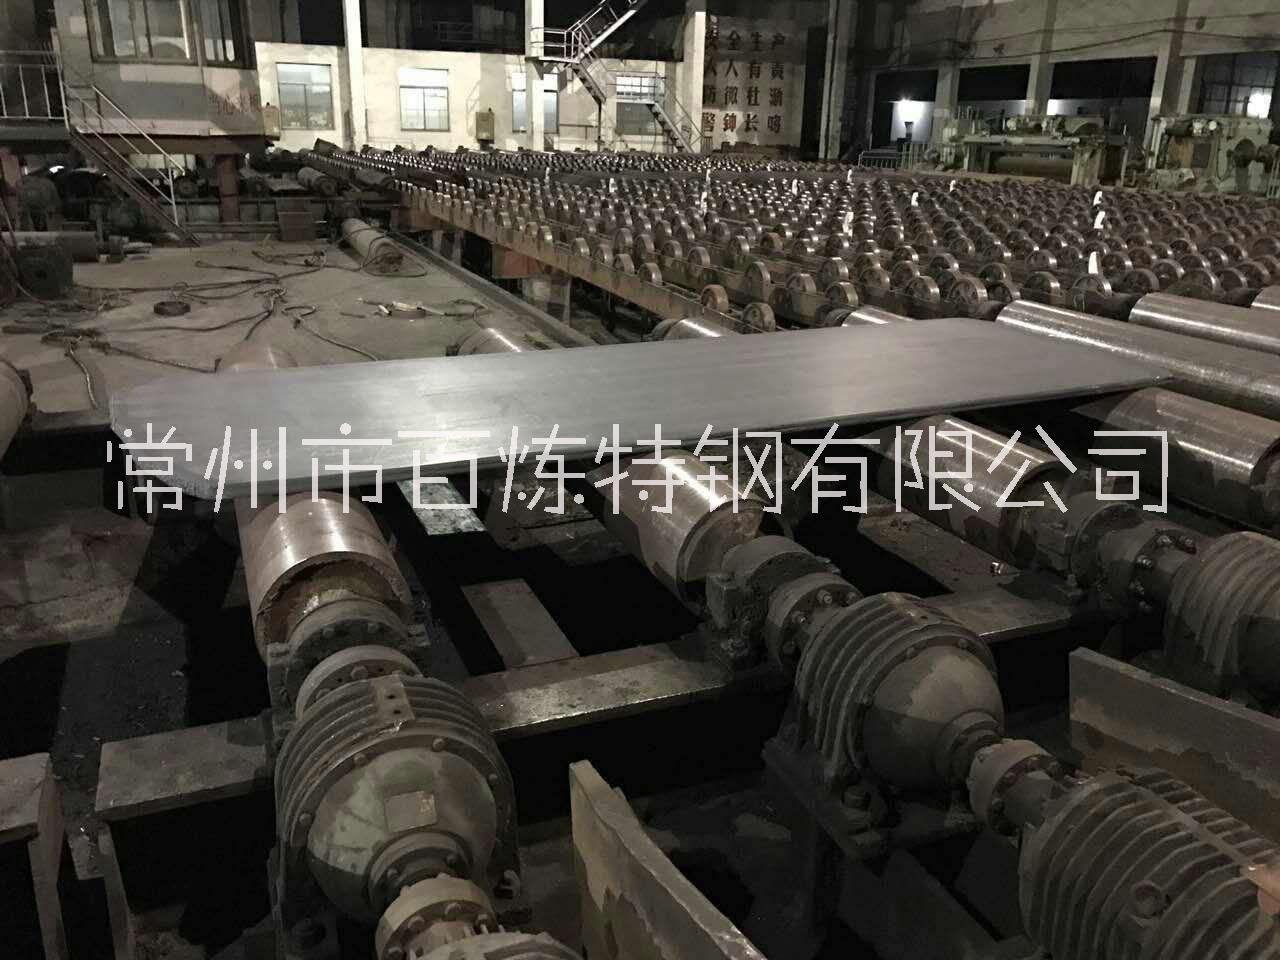 4j36 厂家直销 殷钢 不胀钢 低膨胀合金 4j36毛细管 4j36带材 invar36棒材 4j36黑皮板